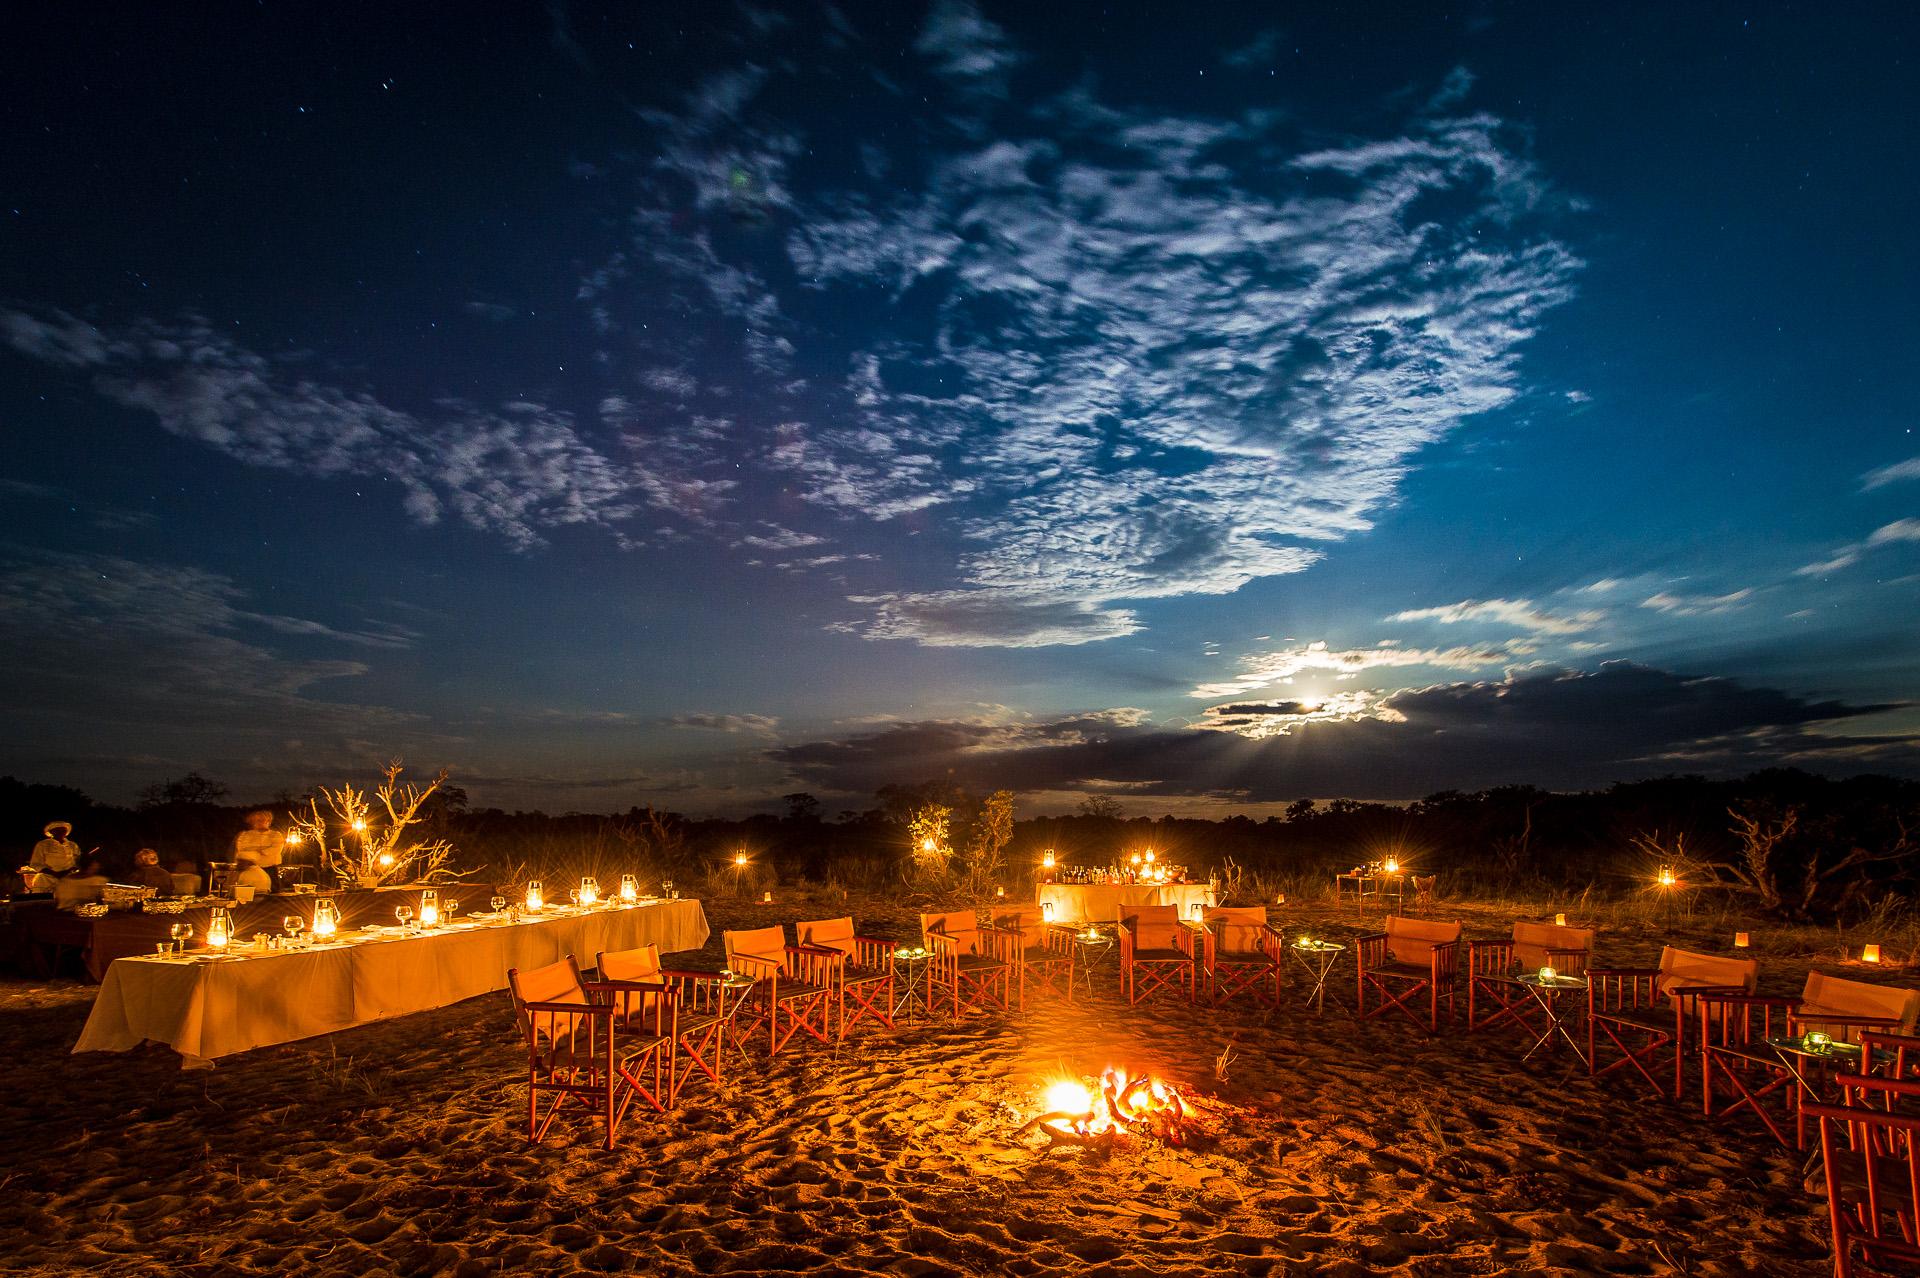 vumbura-plains-camp-activities-bush-dinner-01